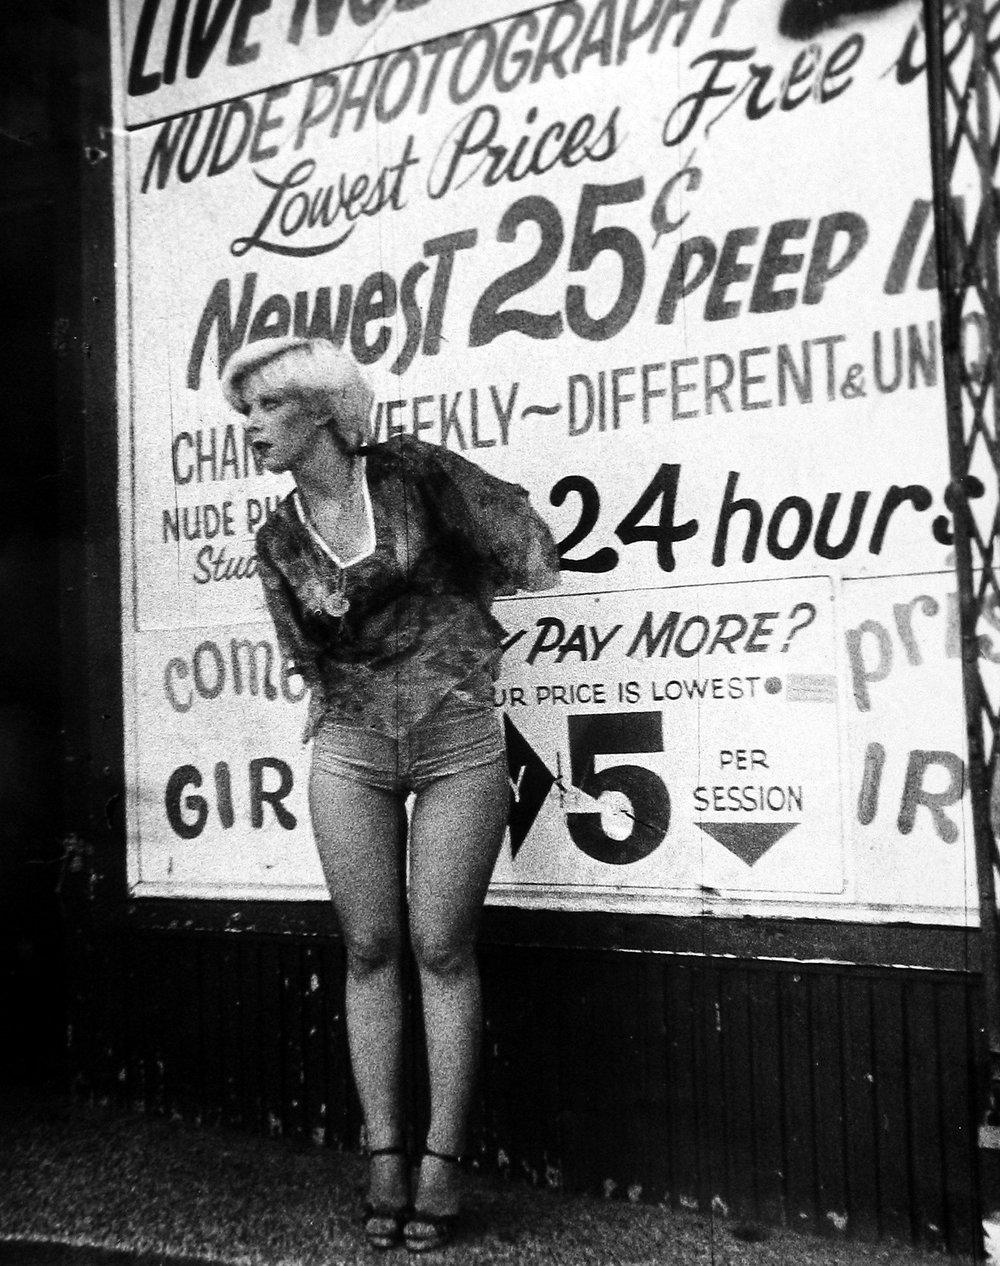 Scarlet-muse-prostituicao-em-fotos (1).jpg